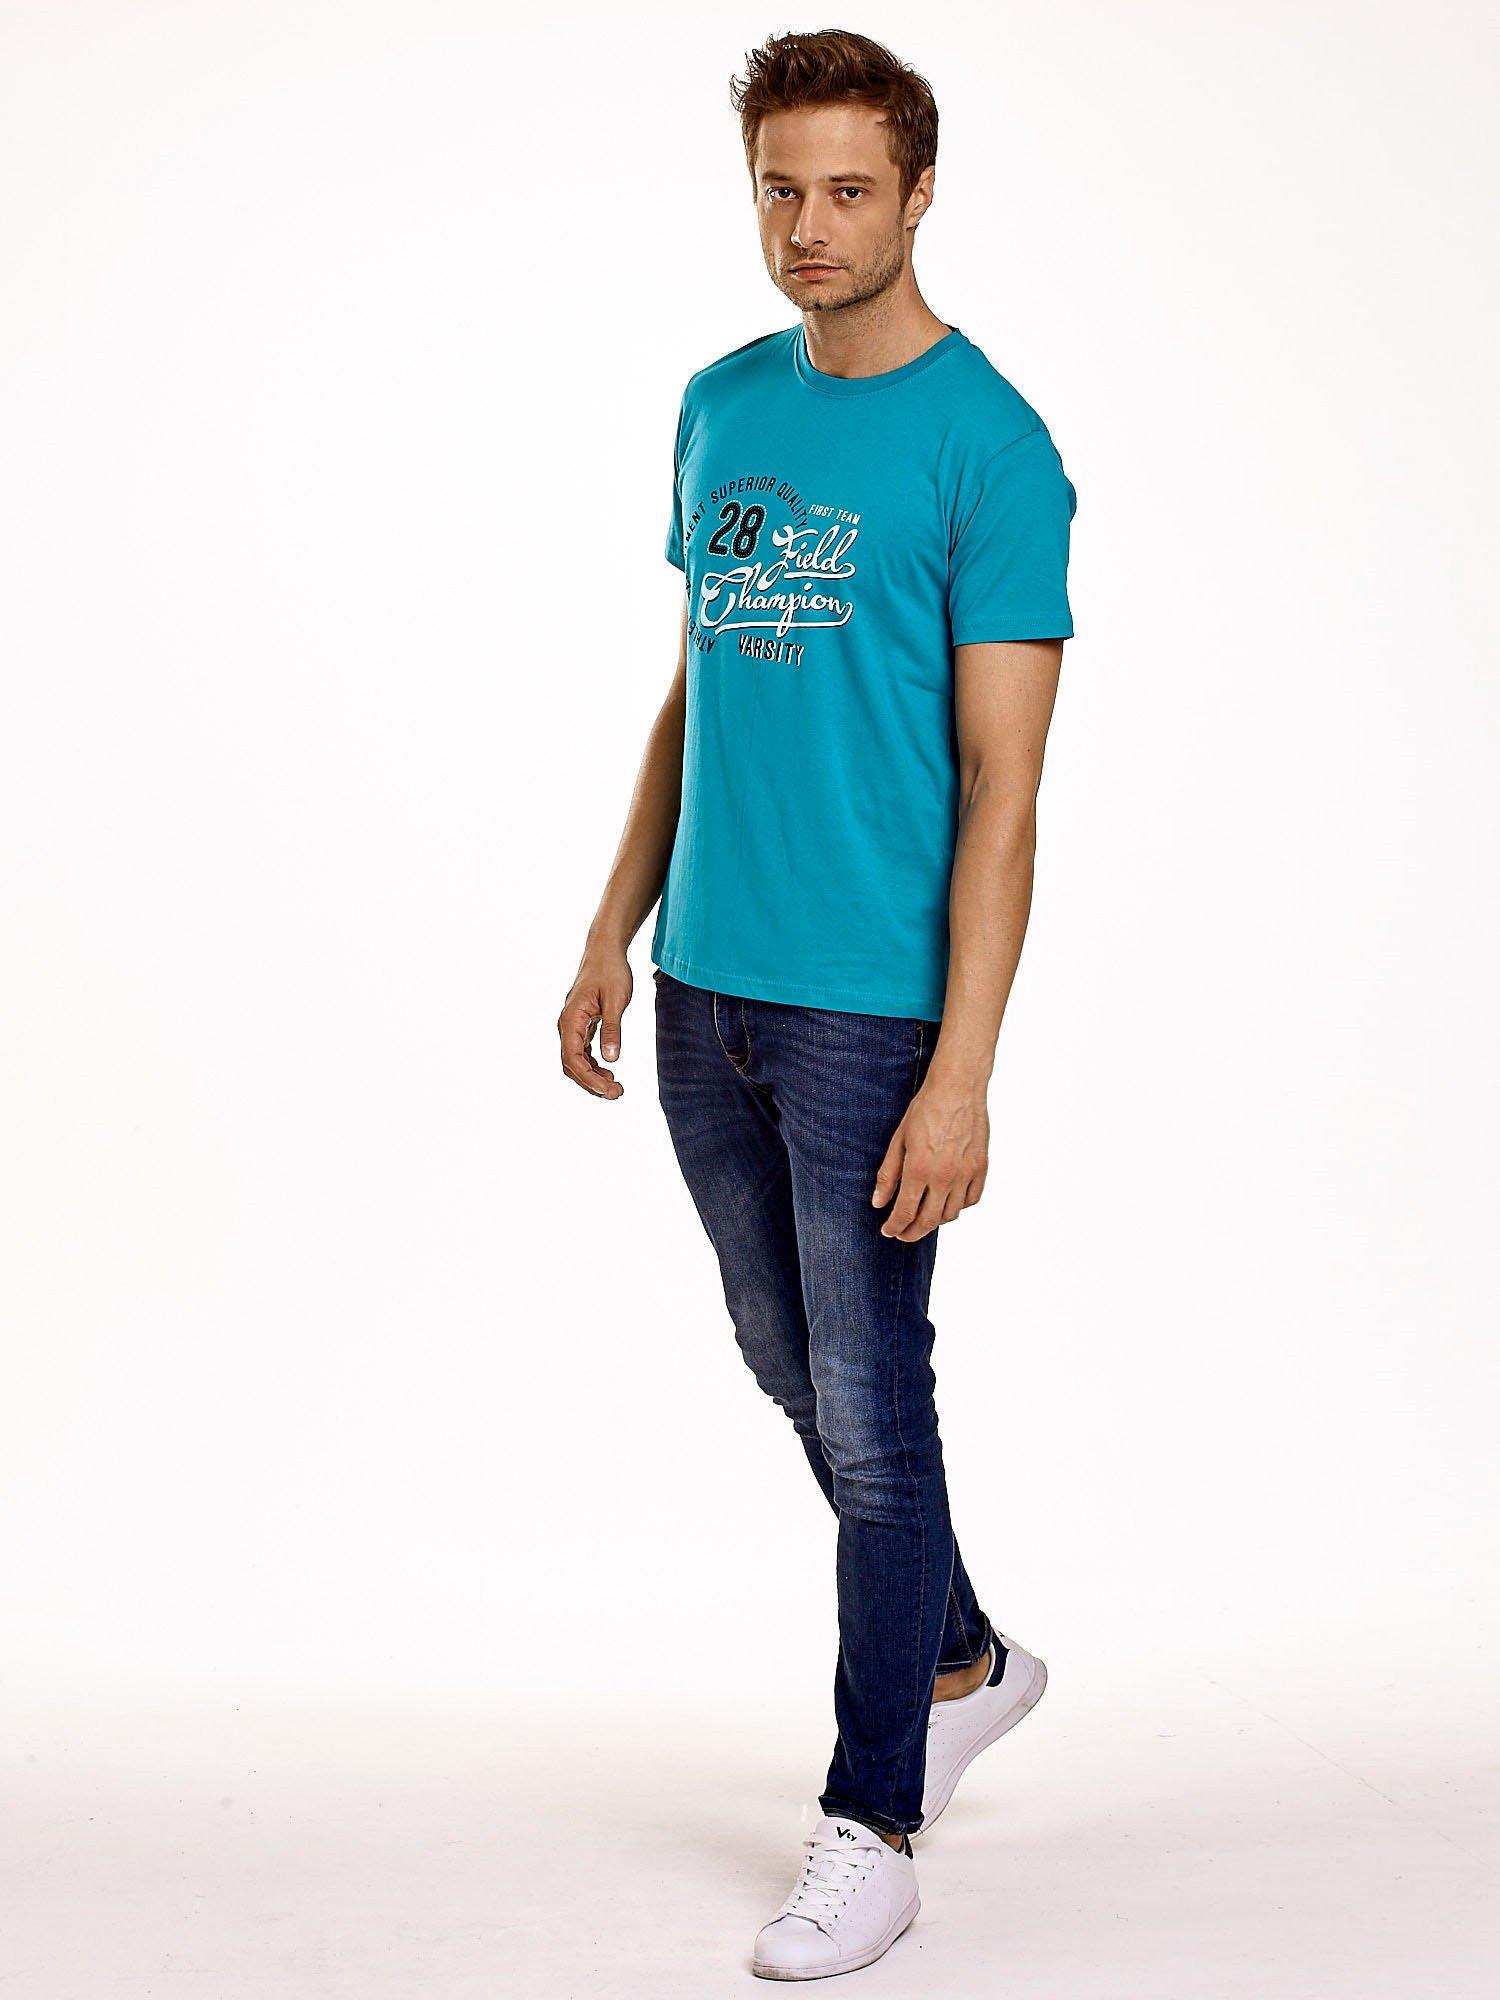 Zielony t-shirt męski z napisem CHAMPION i liczbą 28                                  zdj.                                  5